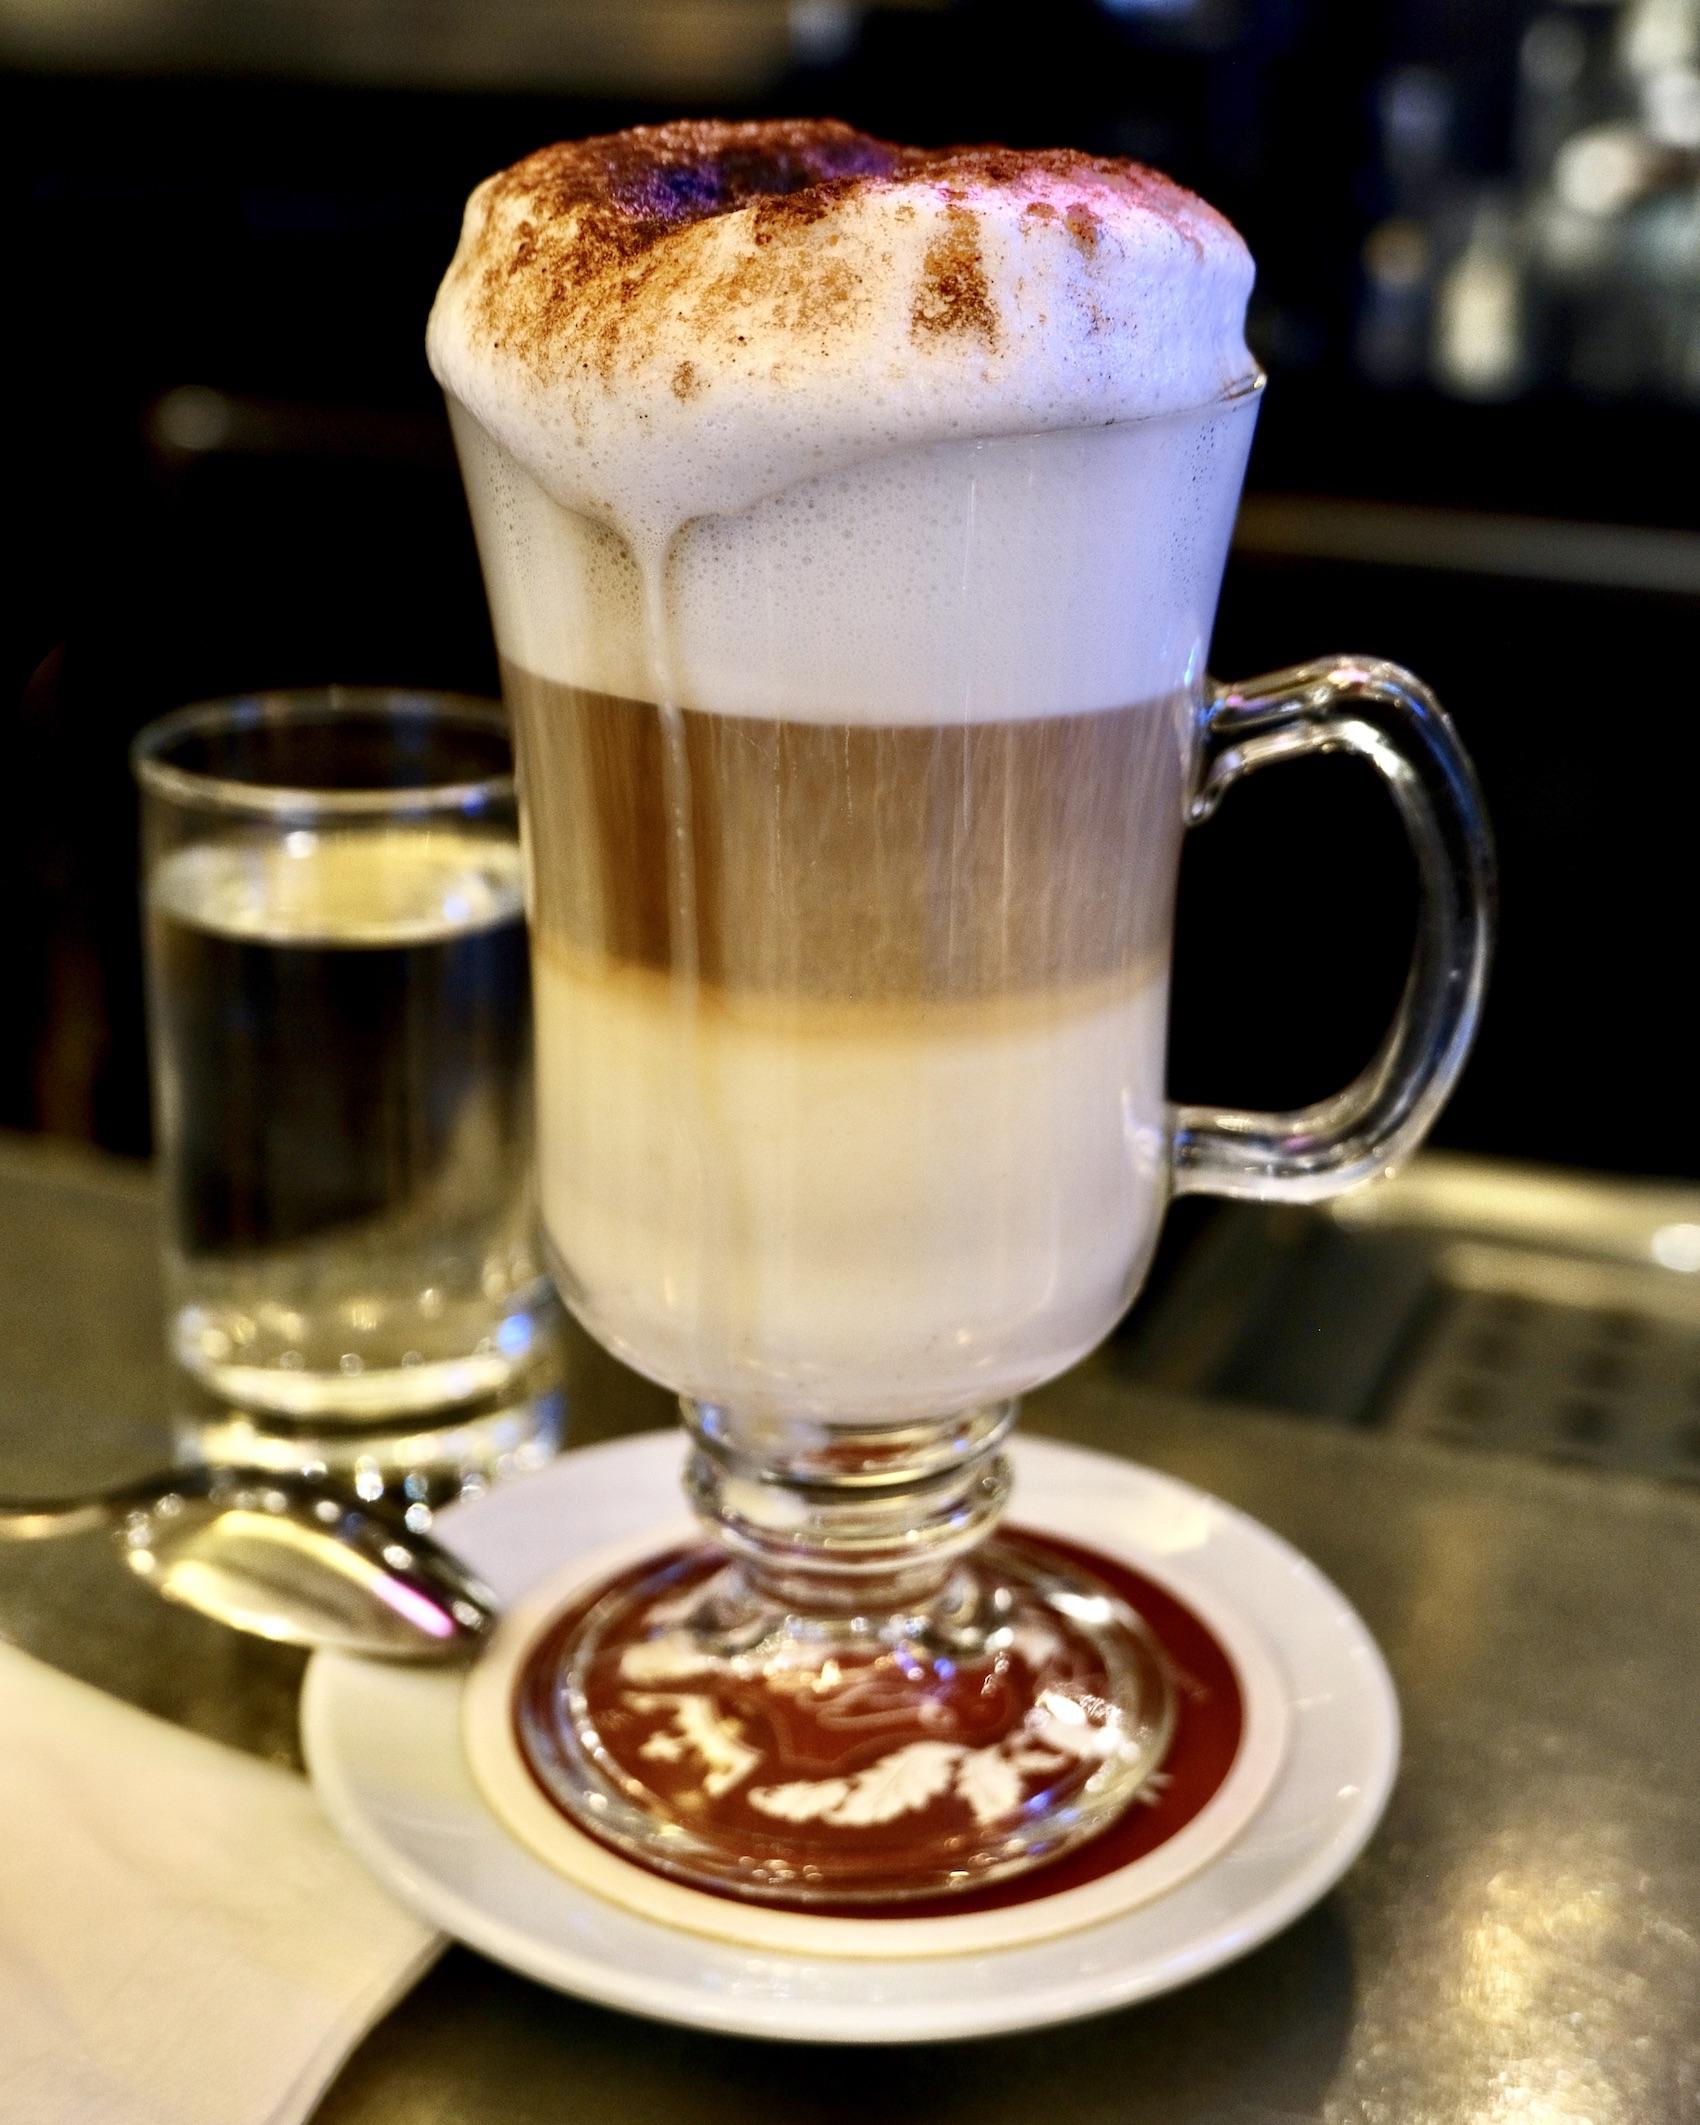 Cappuccino at Le Saint Germain